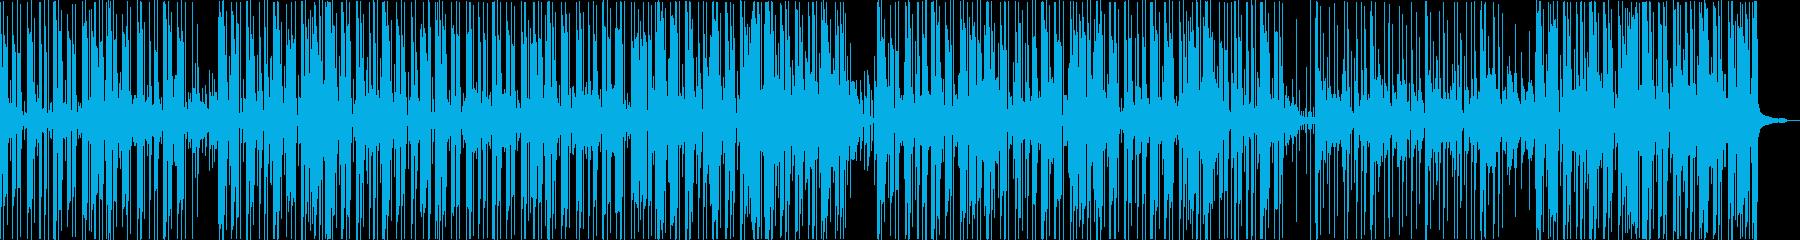 アダルトなグルーヴのアシッドジャズの再生済みの波形